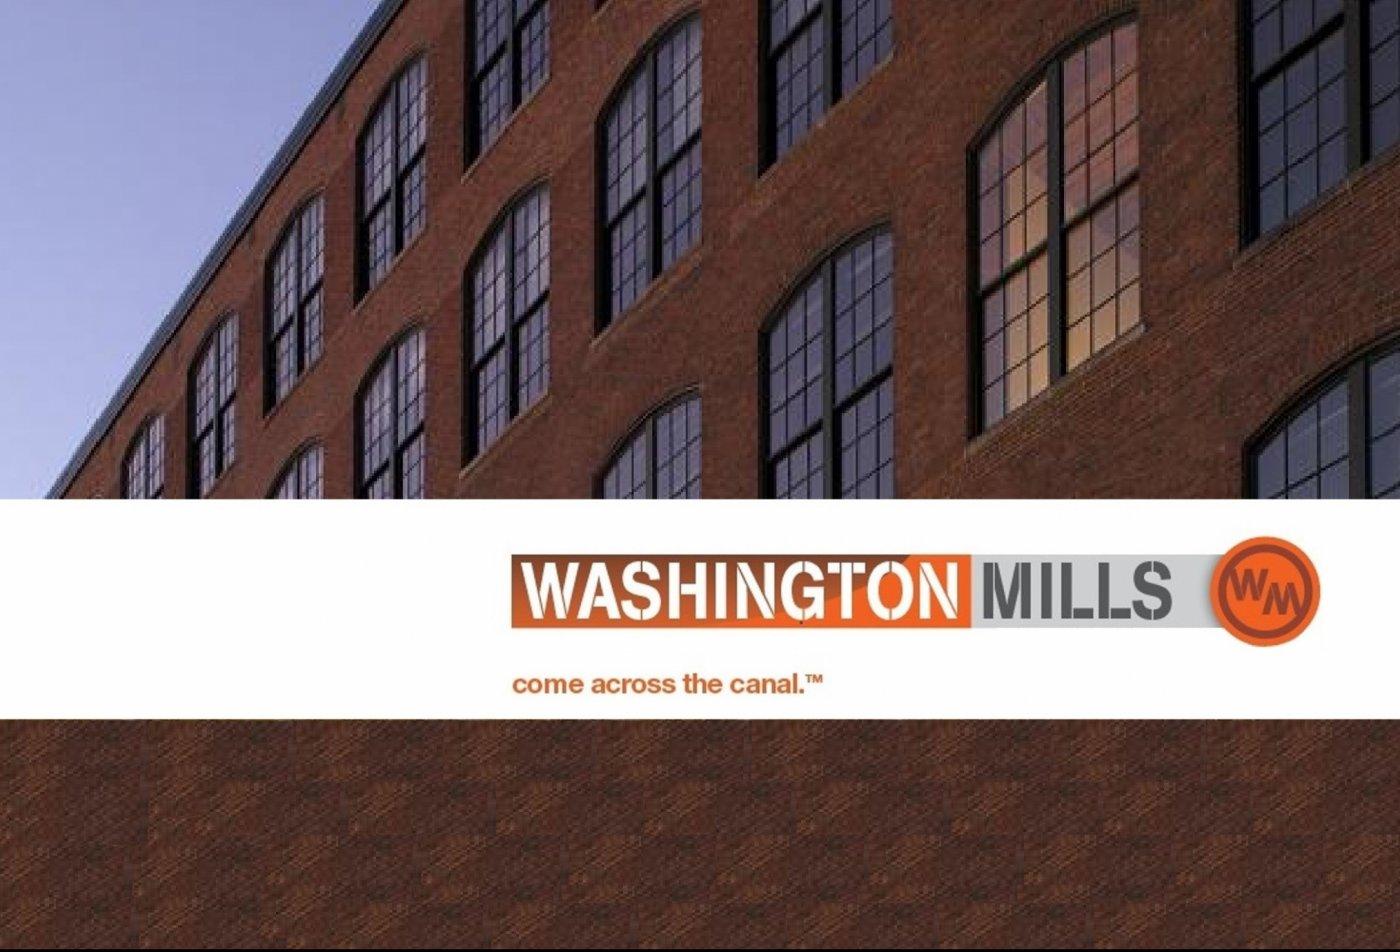 Washington Mills